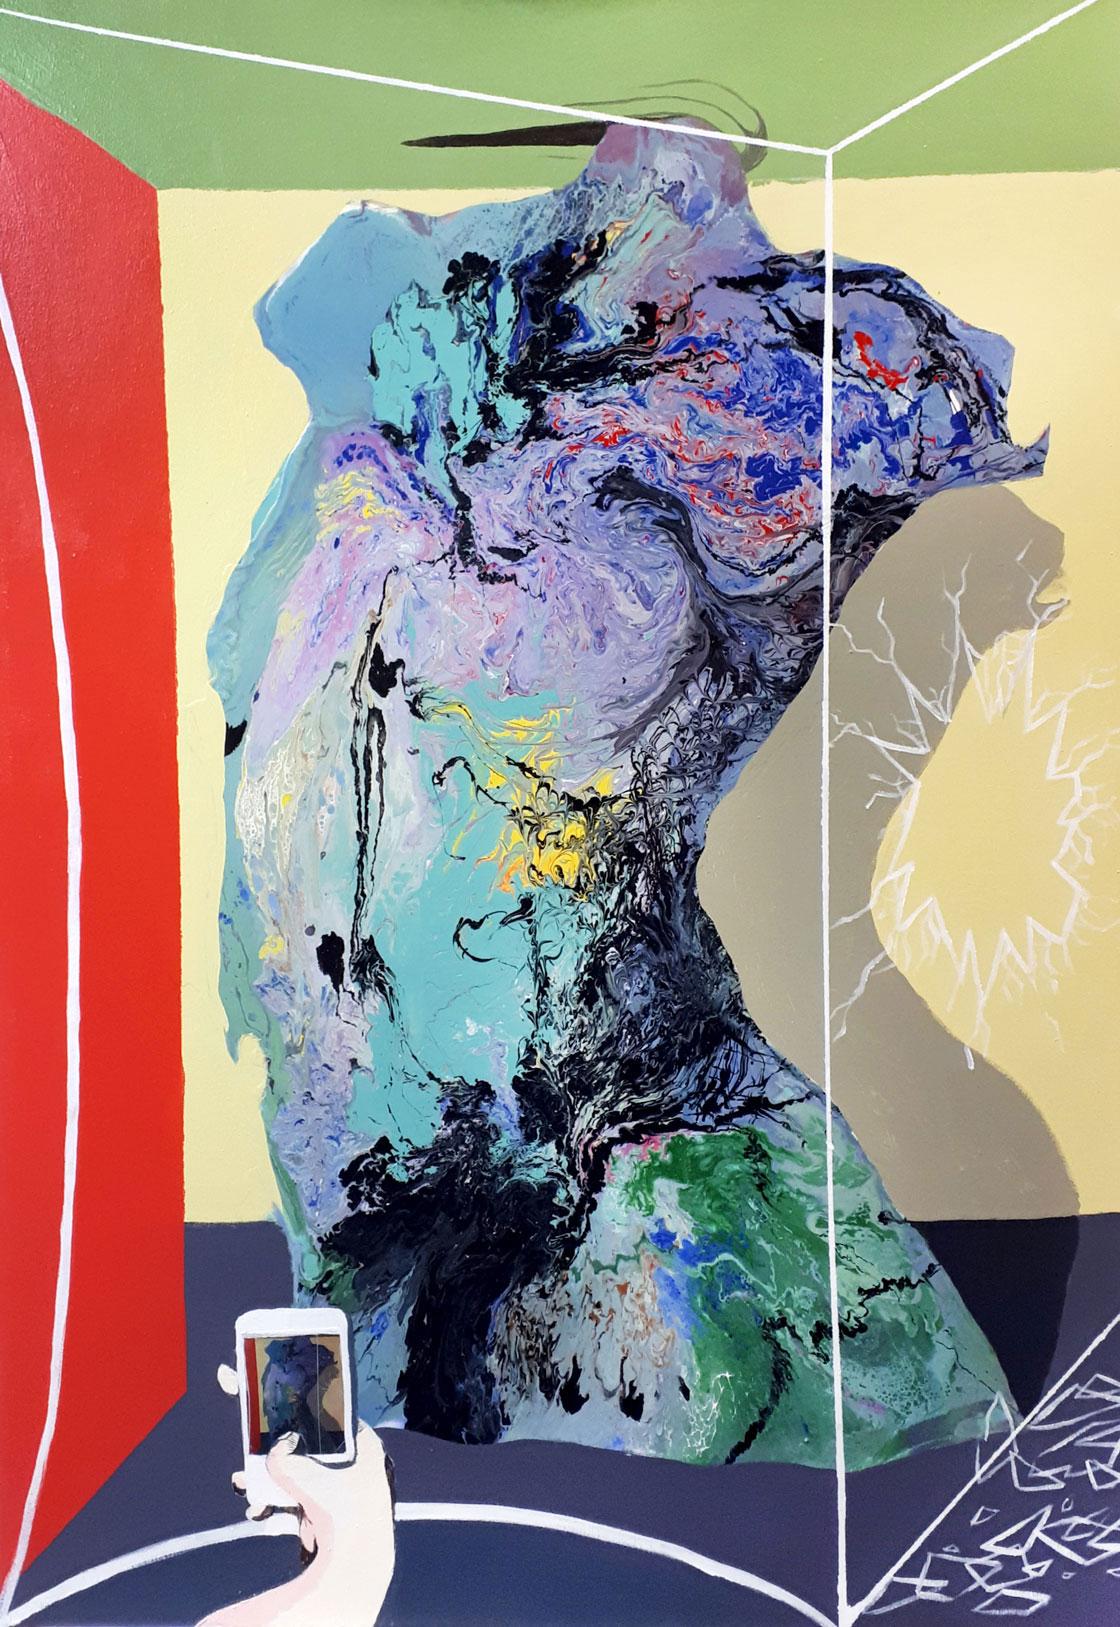 PICTOCLUB Painting - WORK IV - Saúl Gil Corona